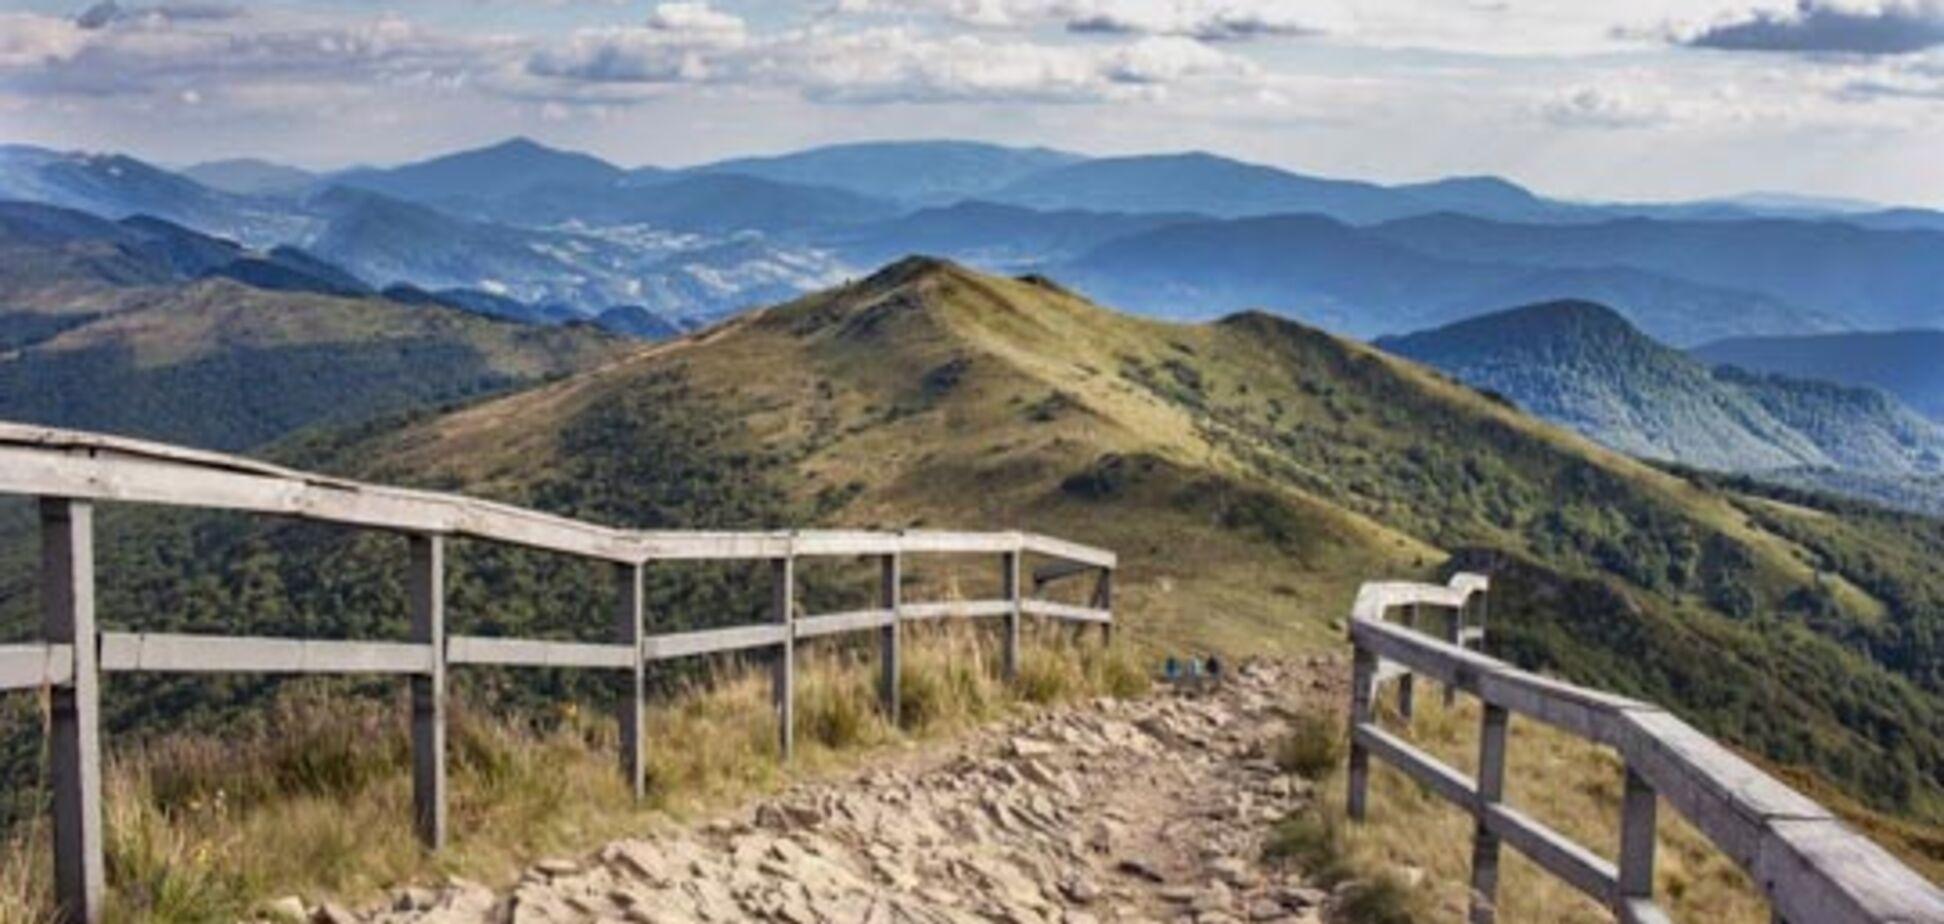 Горы: какие есть виды и как они образуются